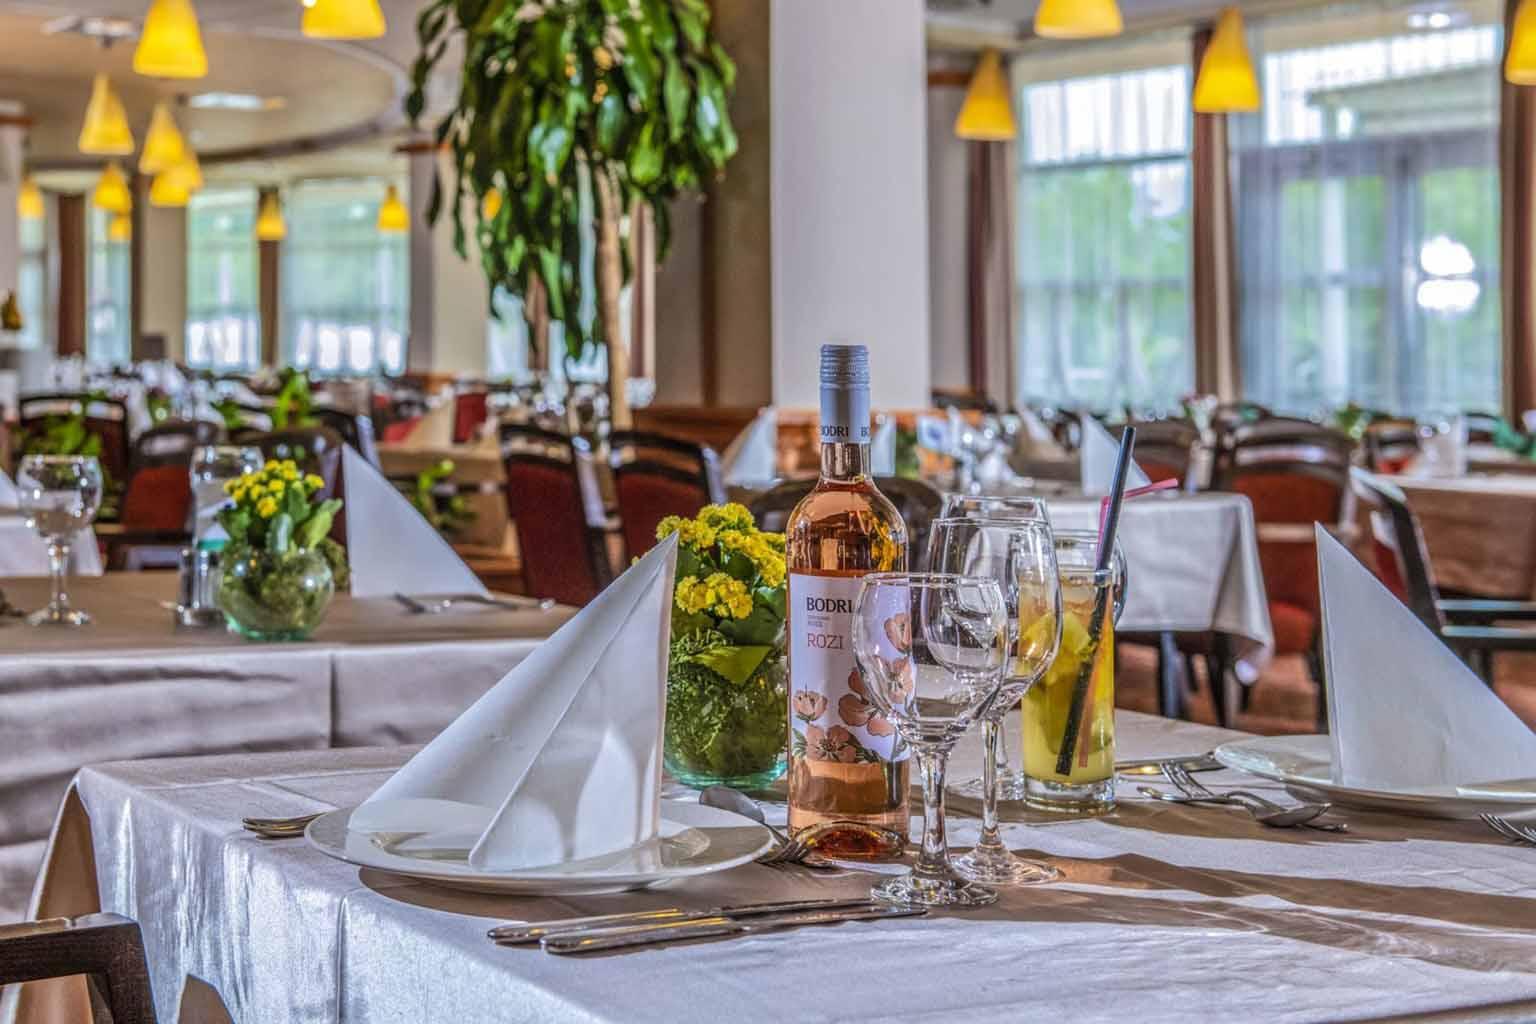 thermal-hotel-visegrad-szalloda-etterem-asztal1